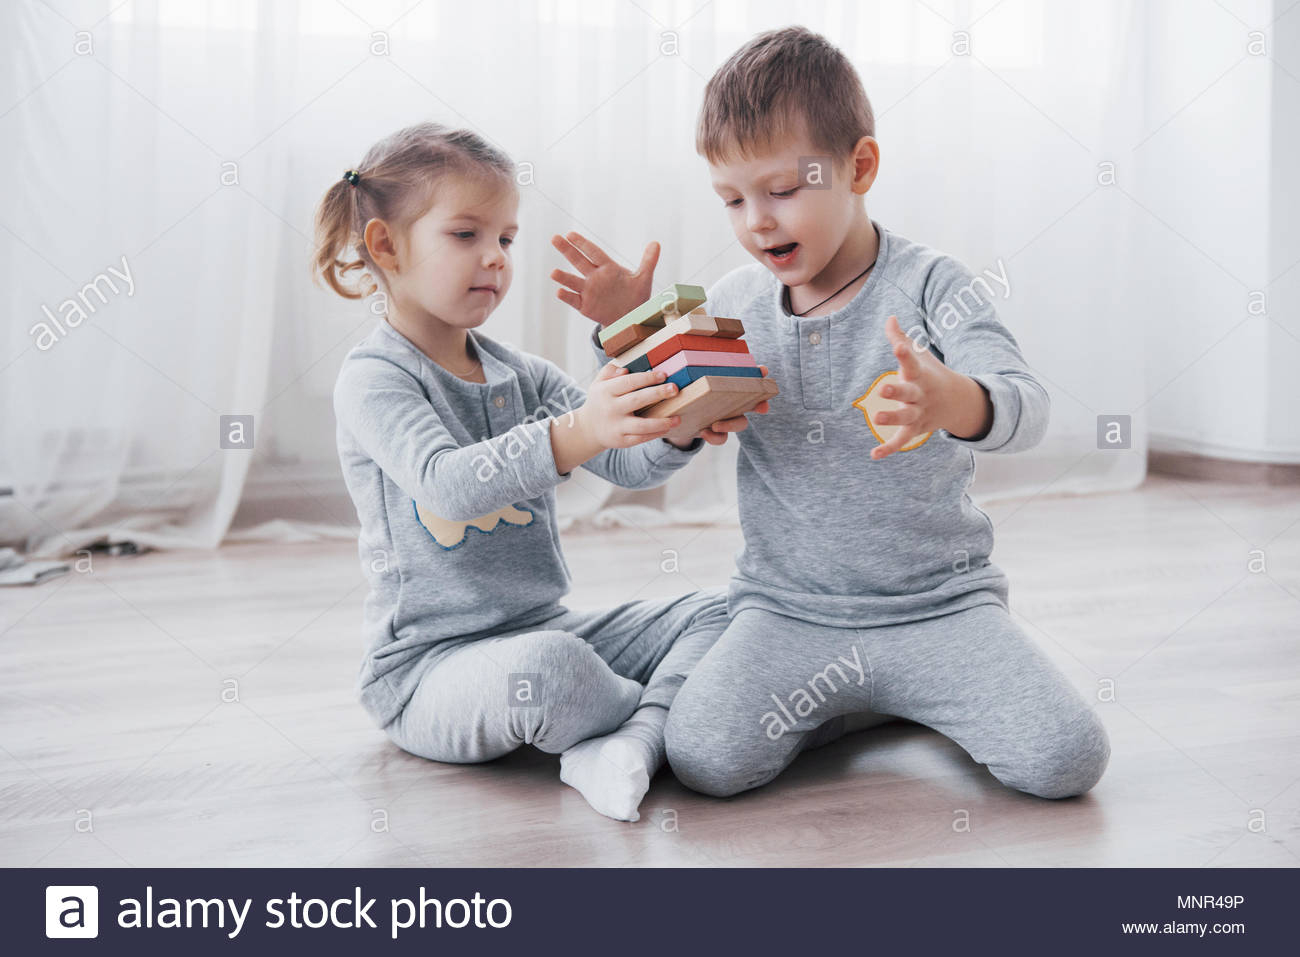 Les Enfants Jouent Avec Un Créateur De Jouets Sur Le dedans Jeux Didactiques Maternelle